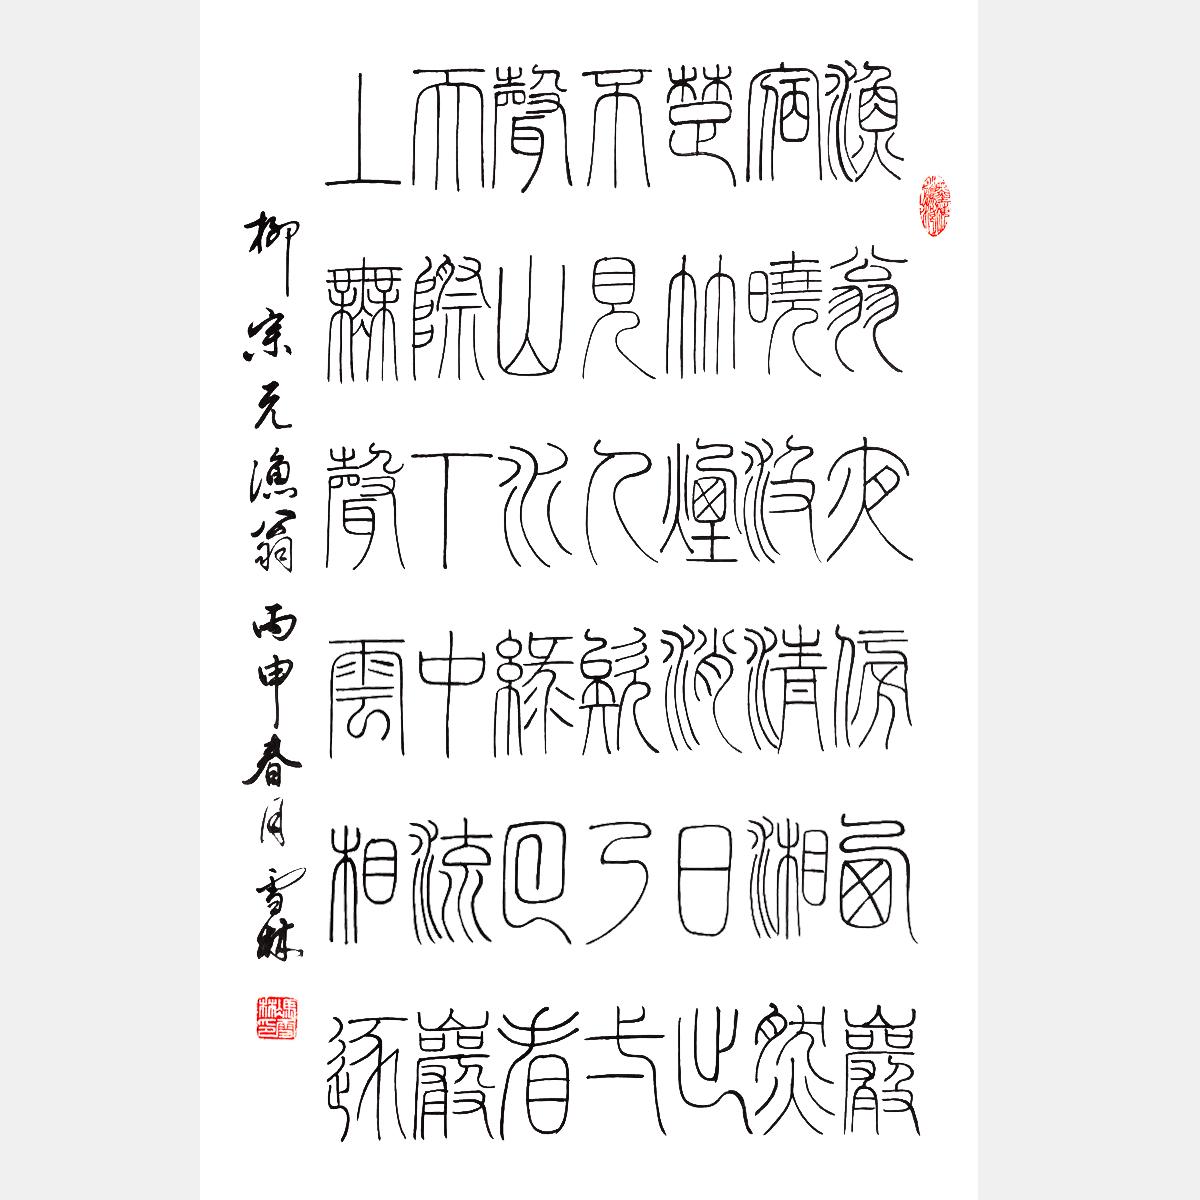 冯雪林书法作品 柳宗元代表作《渔翁》篆书